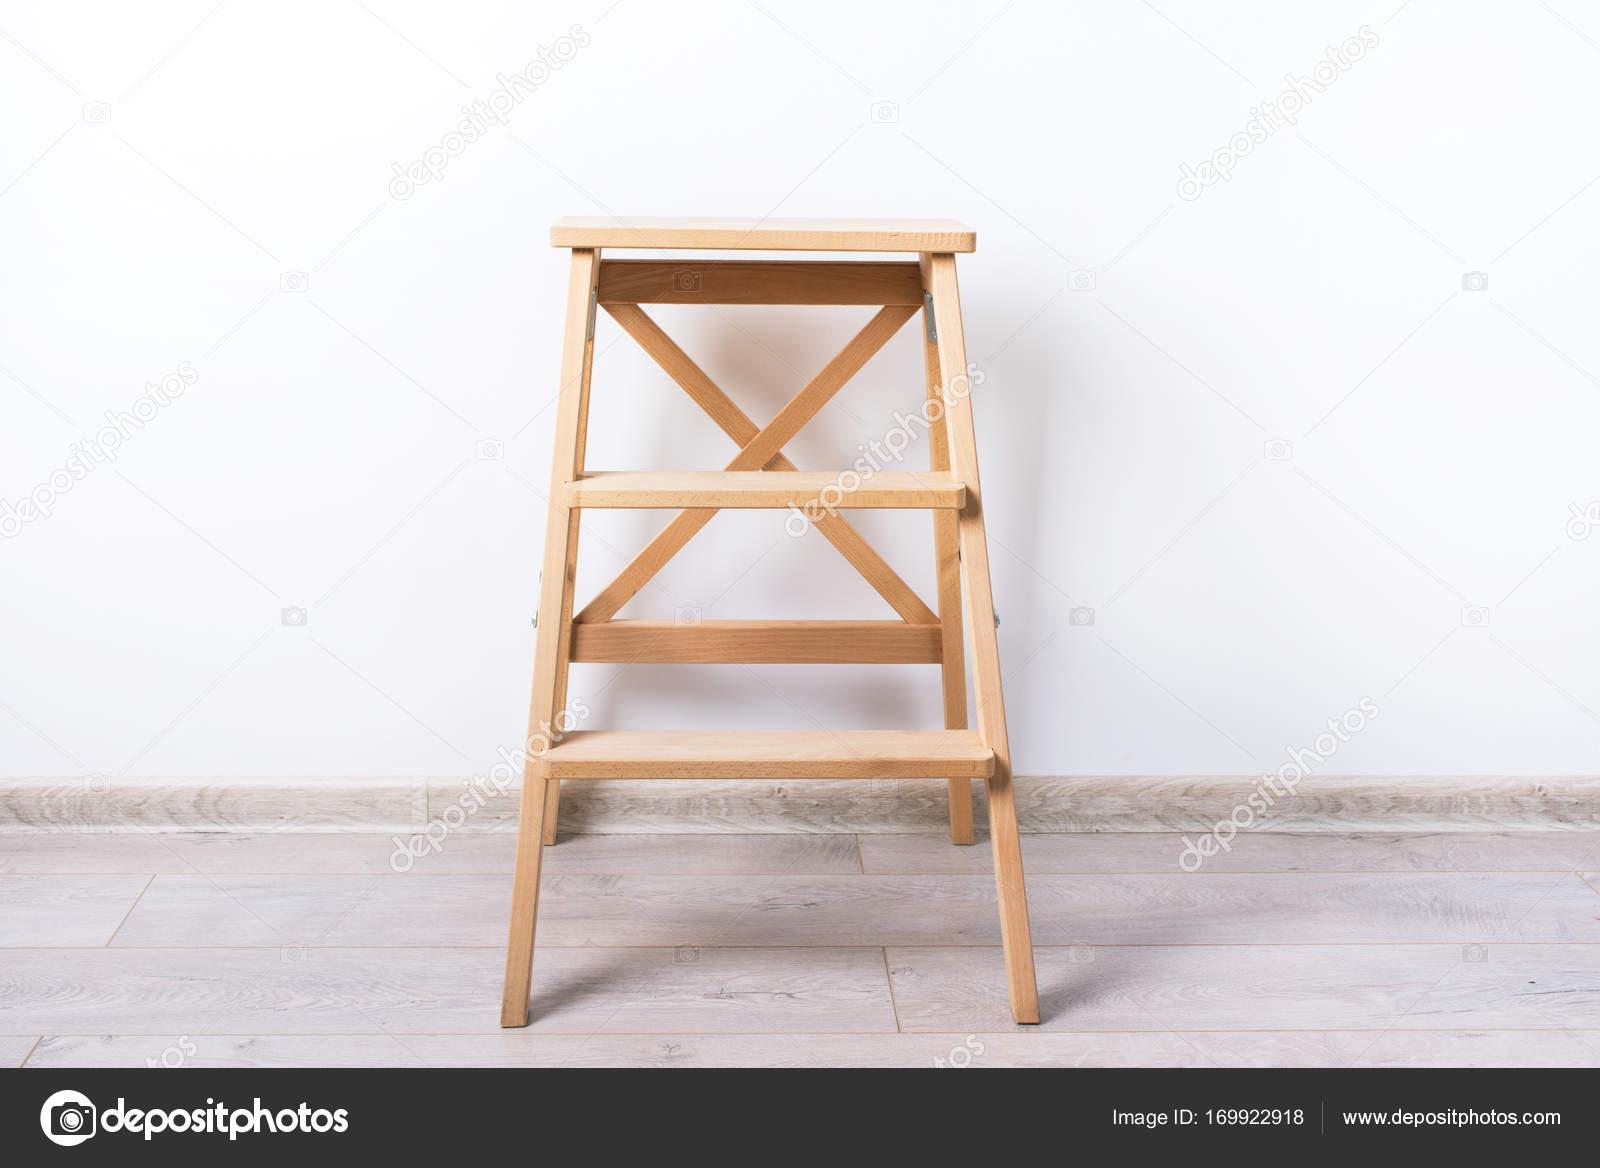 Sedia sgabello in legno luce vicino alla parete bianca u foto